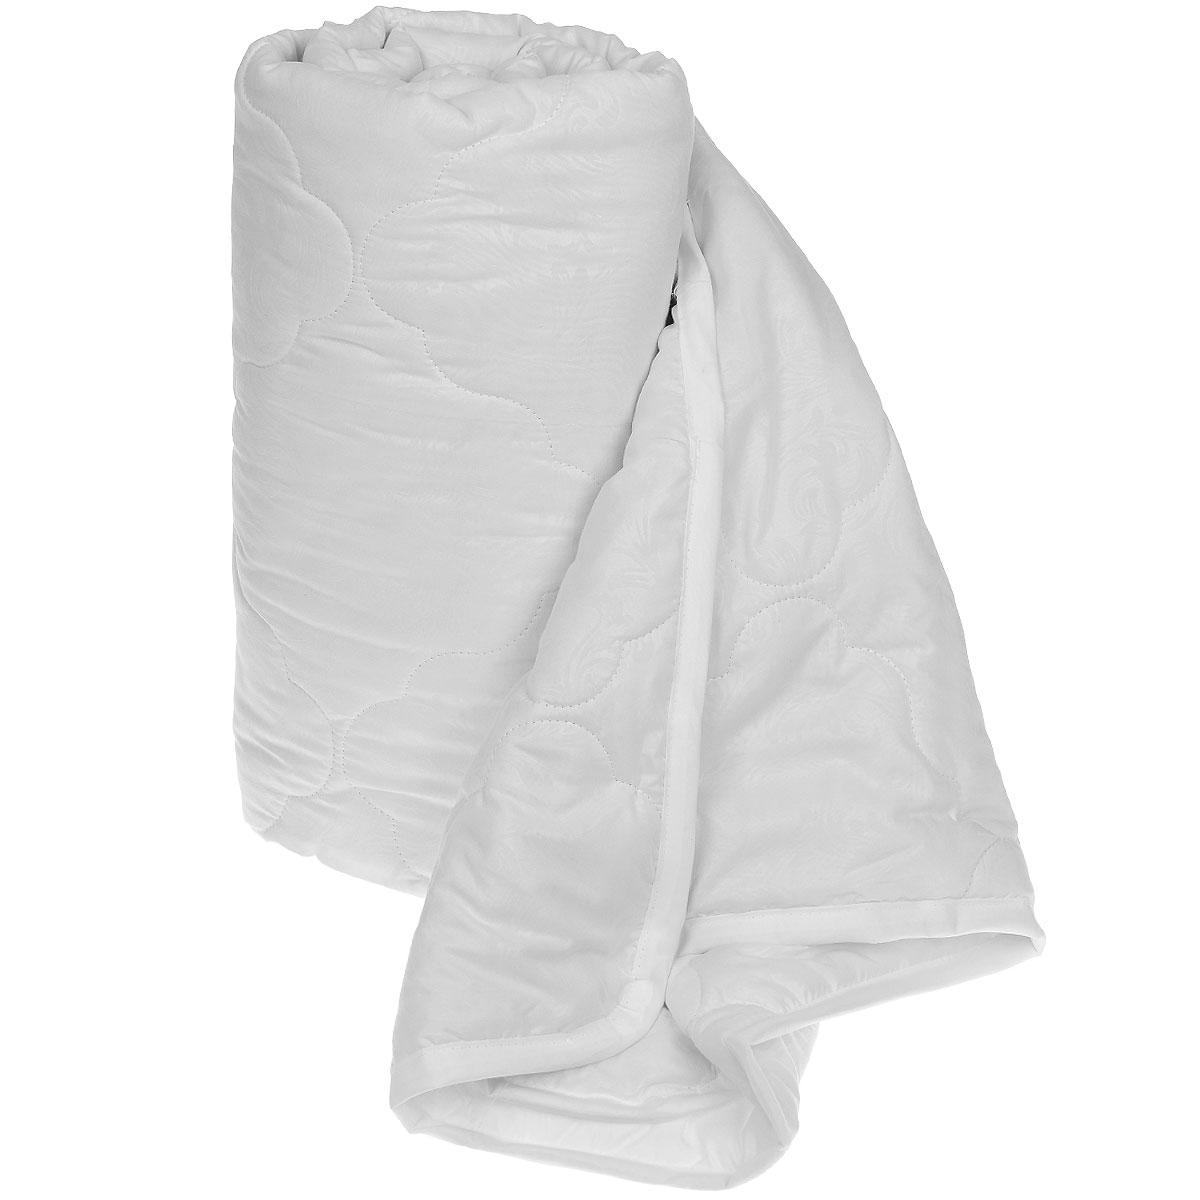 Одеяло Sova & Javoronok Бамбук, наполнитель: бамбуковое волокно, цвет: белый, 172 х 205 см05030116081Одеяло Sova & Javoronok Бамбук подарит комфорт и уют во время сна. Чехол, выполненный из микрофибры (100% полиэстера), оформлен стежкой и надежно удерживает наполнитель внутри. Волокно на основе бамбука - инновационный наполнитель, обладающий за счет своей пористой структуры хорошей воздухонепроницаемостью и высокой гигроскопичностью, обеспечивает оптимальный уровень влажности во время сна и создает чувство прохлады в жаркие дни. Антибактериальный эффект наполнителя достигается за счет содержания в нем специального компонента, а также за счет поглощения влаги, что создает сухой микроклимат, препятствующий росту бактерий. Основные свойства волокна: - хорошая терморегуляция, - свободная циркуляция воздуха, - антибактериальные свойства, - повышенная гигроскопичность, - мягкость и легкость, - удобство в эксплуатации и легкость стирки. Рекомендации по уходу: - Стирка запрещена. - Не отбеливать, не...